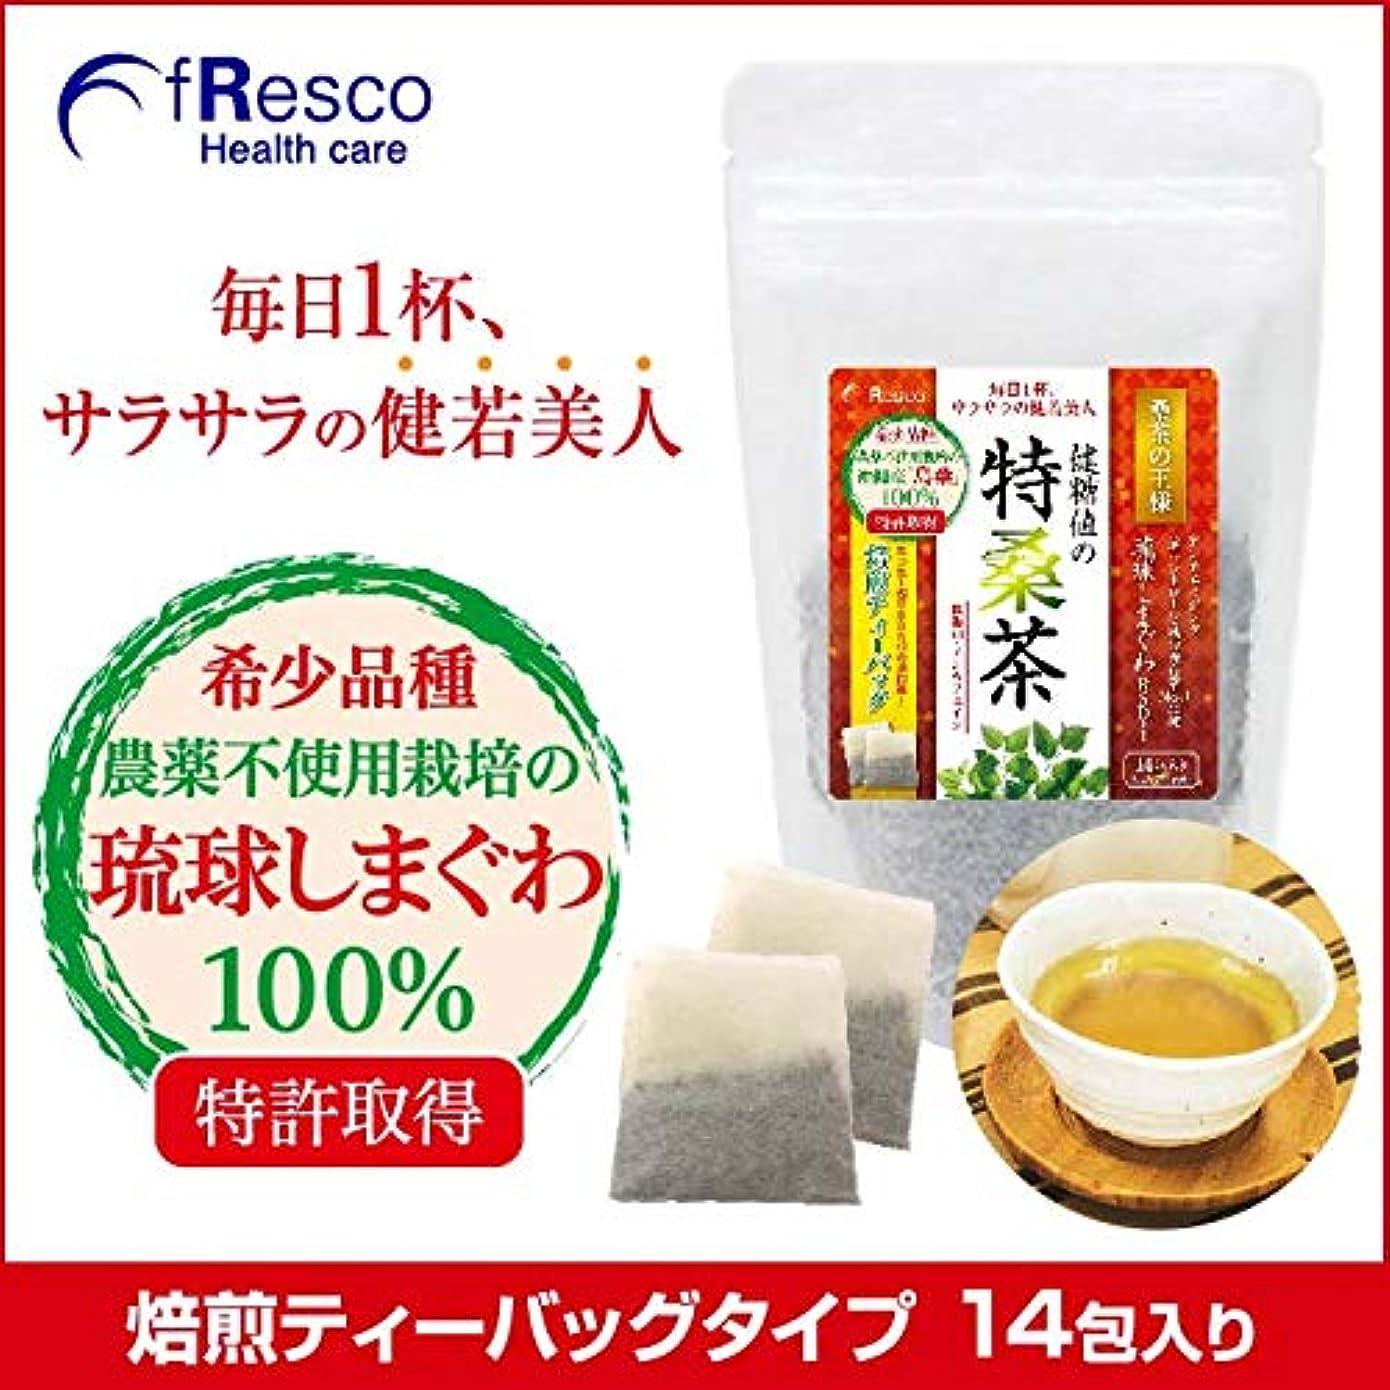 曲興奮びっくり琉球しまぐわ 健糖値の特桑茶 焙煎ティーバック